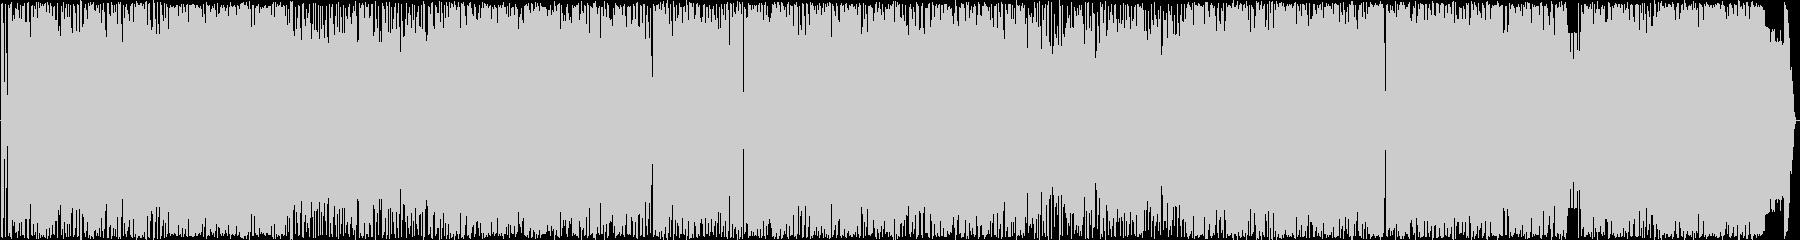 パンクバンドのオケ風楽曲の未再生の波形